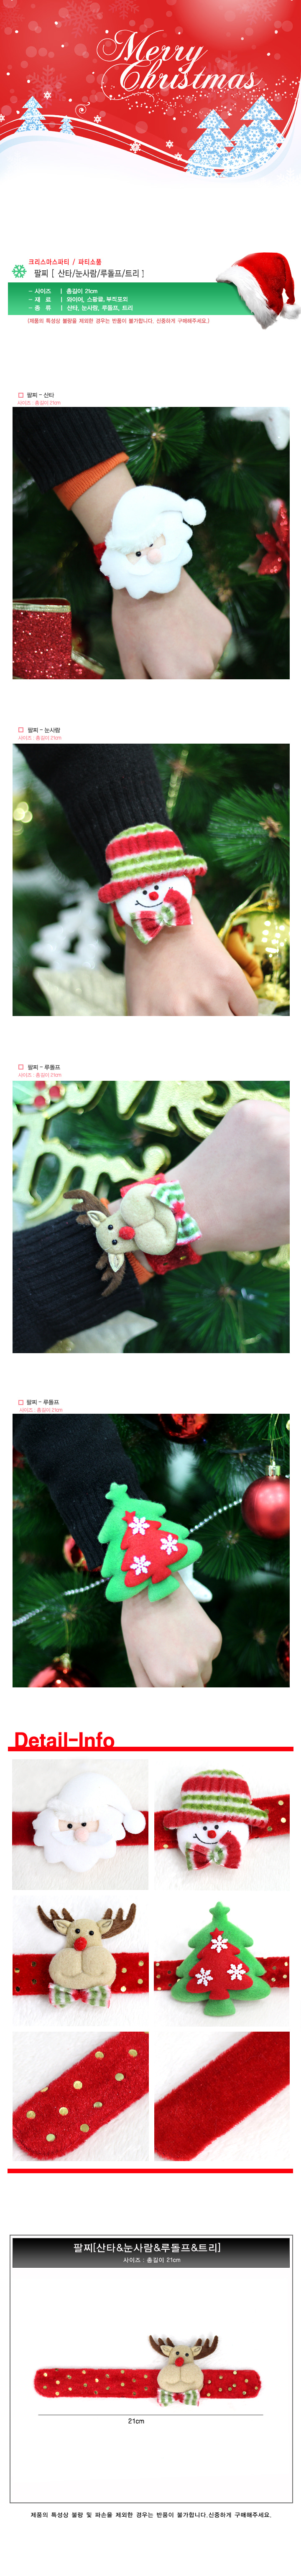 눈사람팔찌 - 파티해, 1,275원, 크리스마스, 장식소품